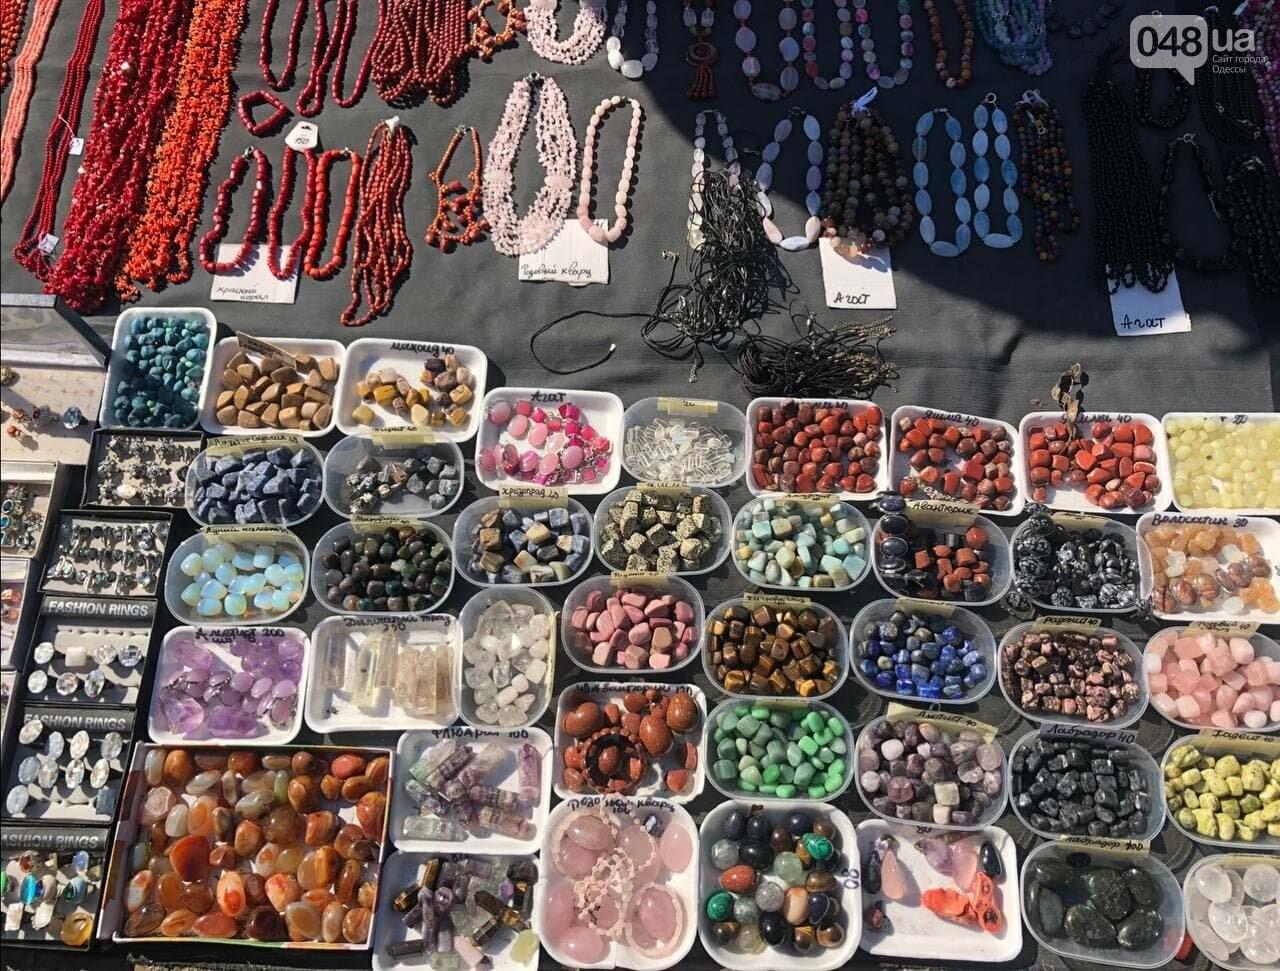 Антикварная посуда, старинные монеты и часы: что продают на одесской Староконке, - ФОТОПЯТНИЦА , фото-5